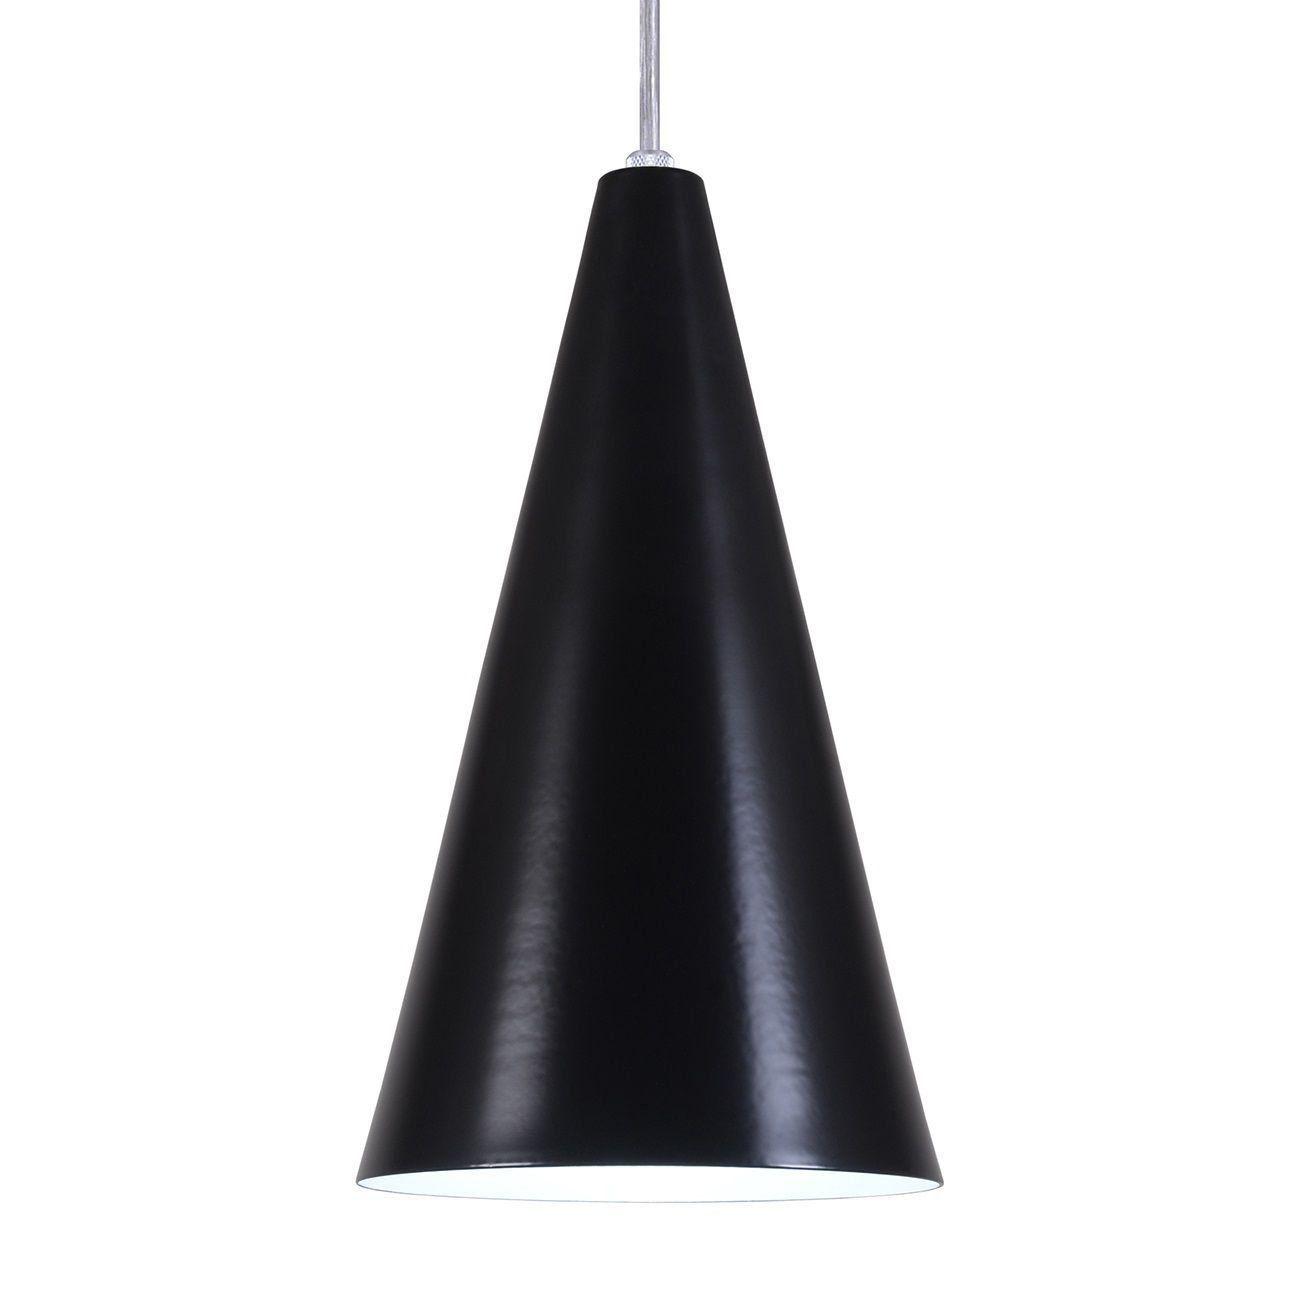 Pendente Cone Luminária Lustre Alumínio Preto Fosco - Rei Da Iluminação